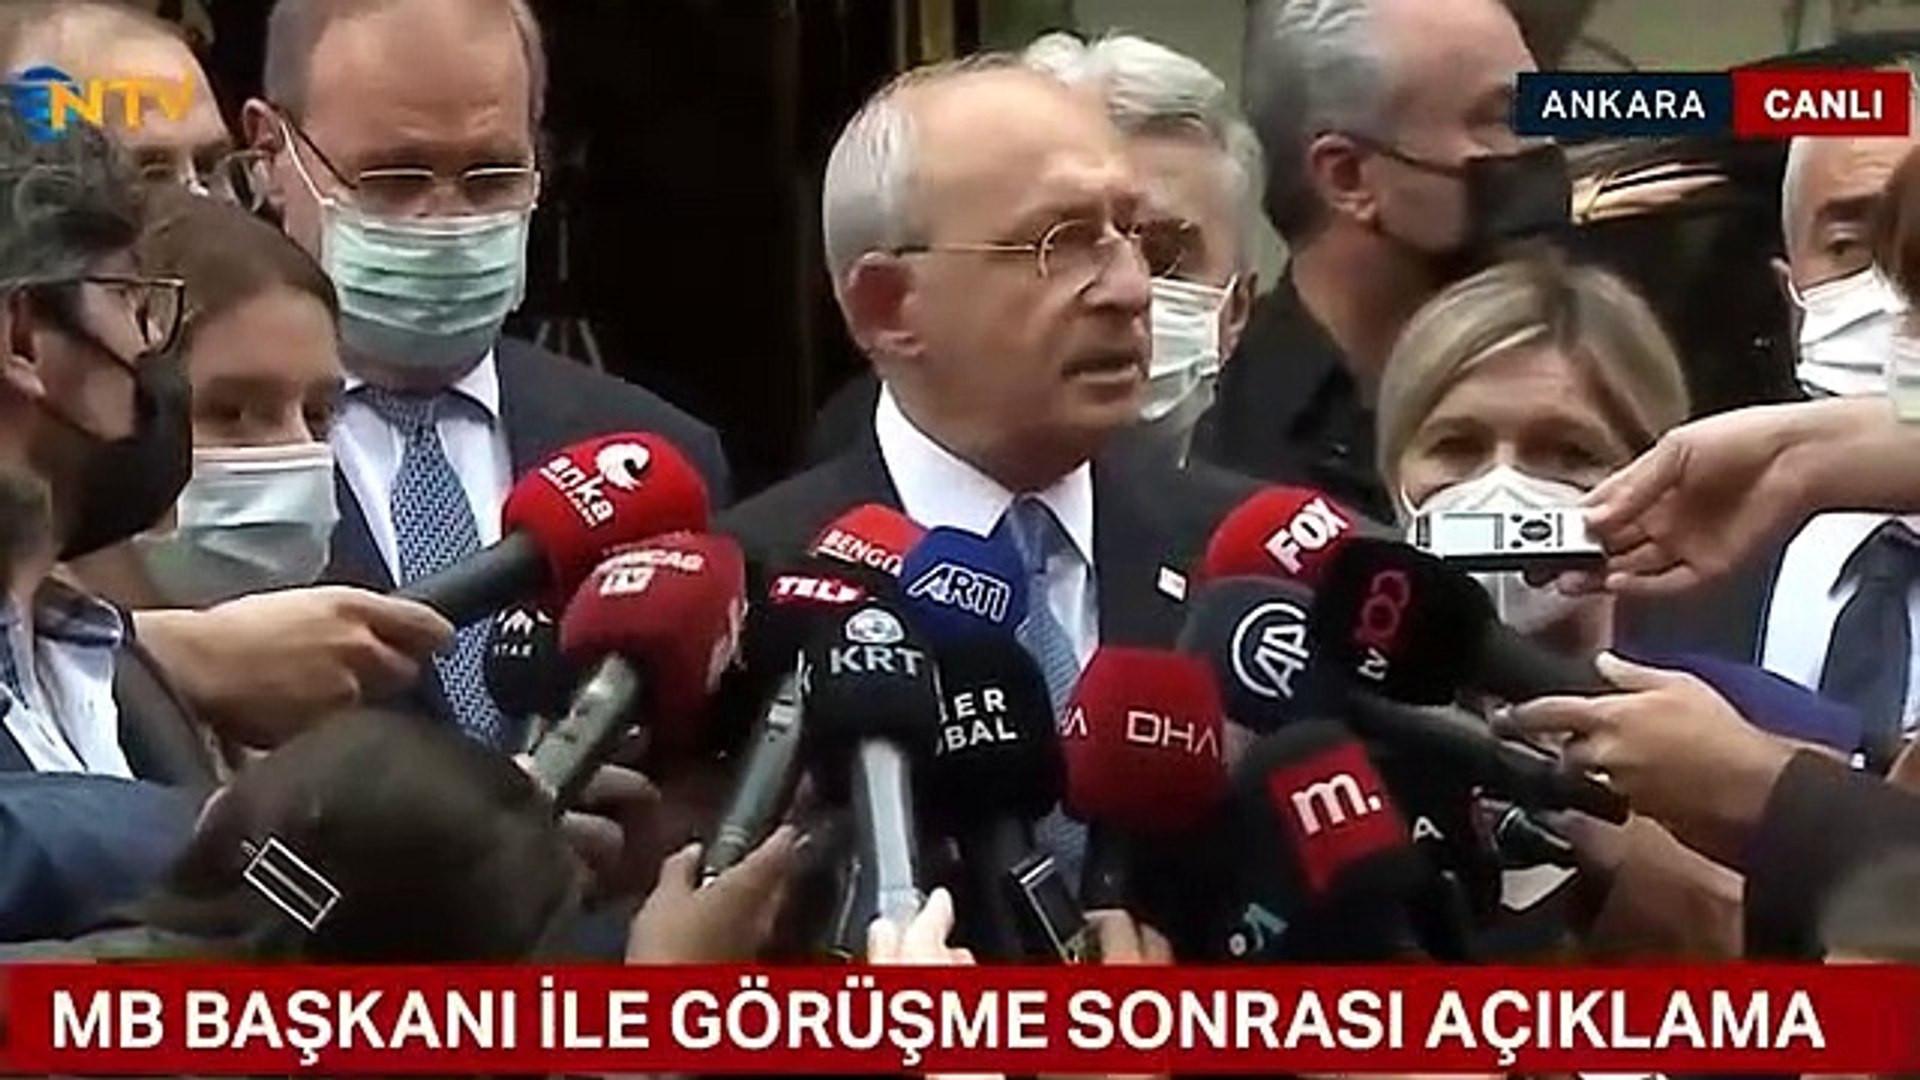 Merkez Bankası Başkanı ile görüşen Kılıçdaroğlu'ndan ilk açıklama